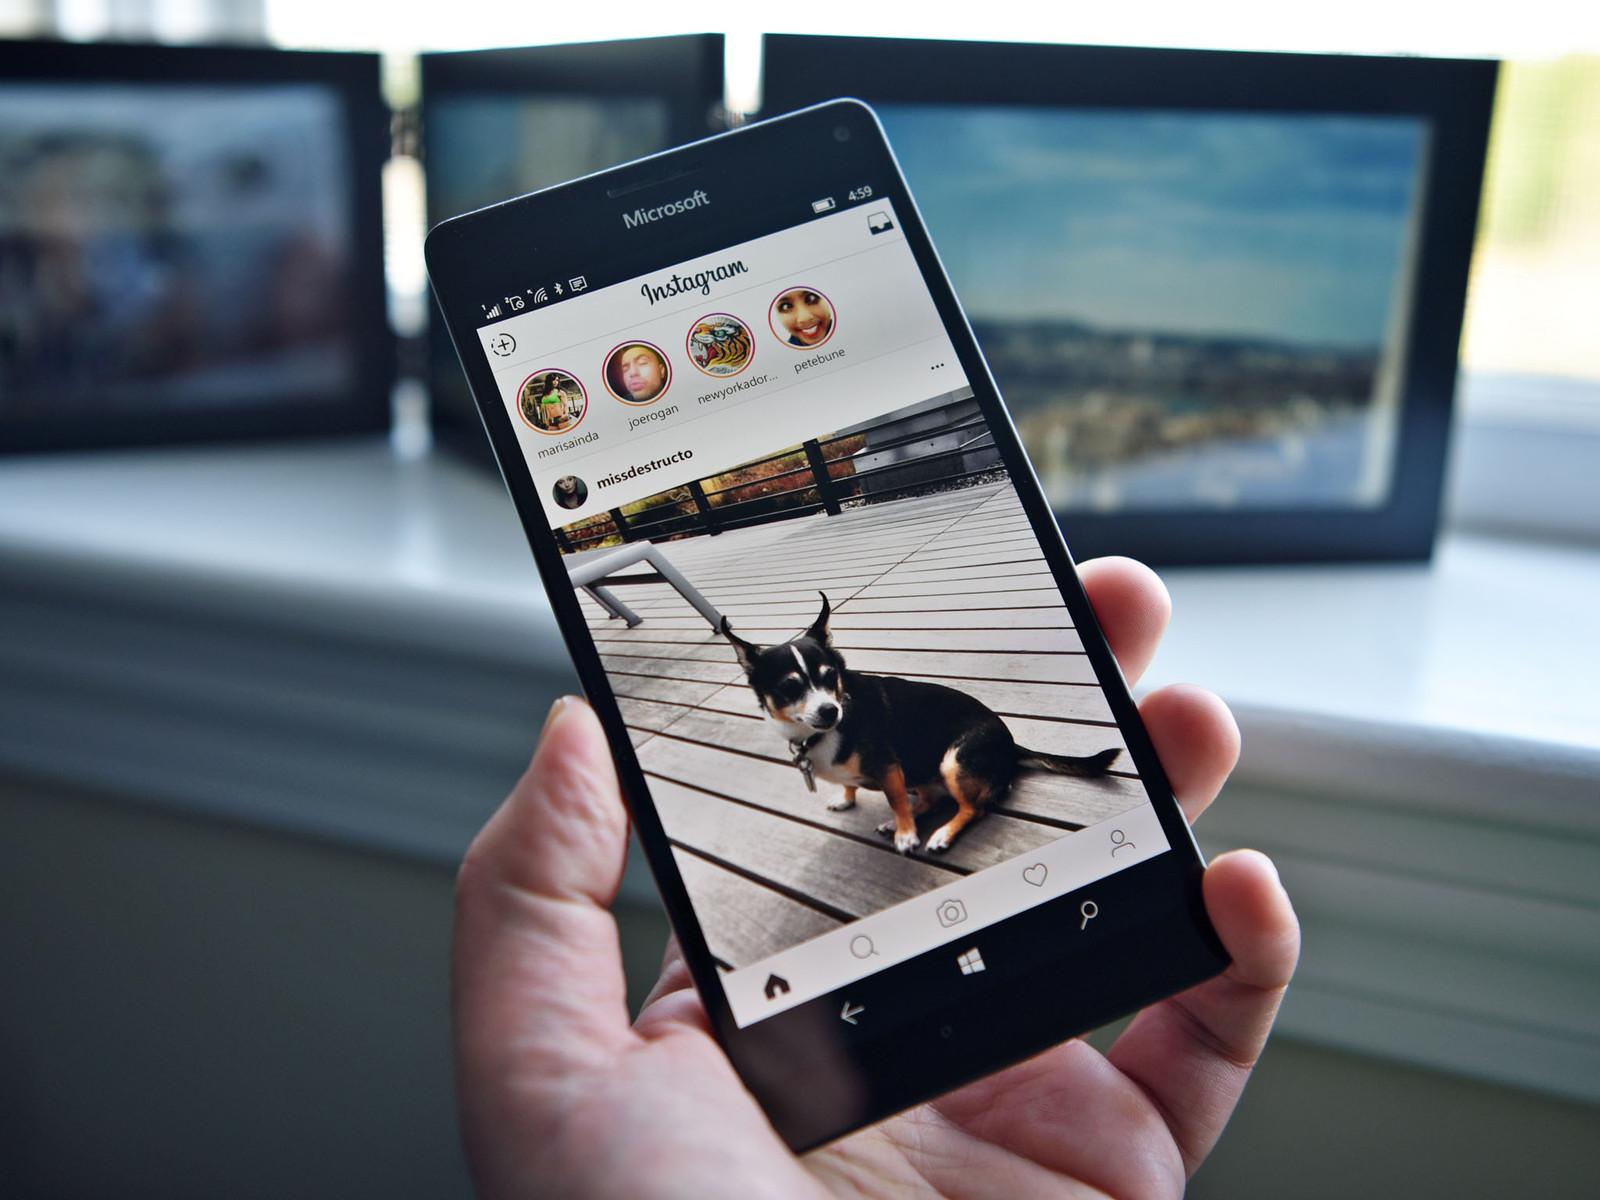 Мобильные телефоны наWindows 10 Mobile лишились приложения Инстаграм